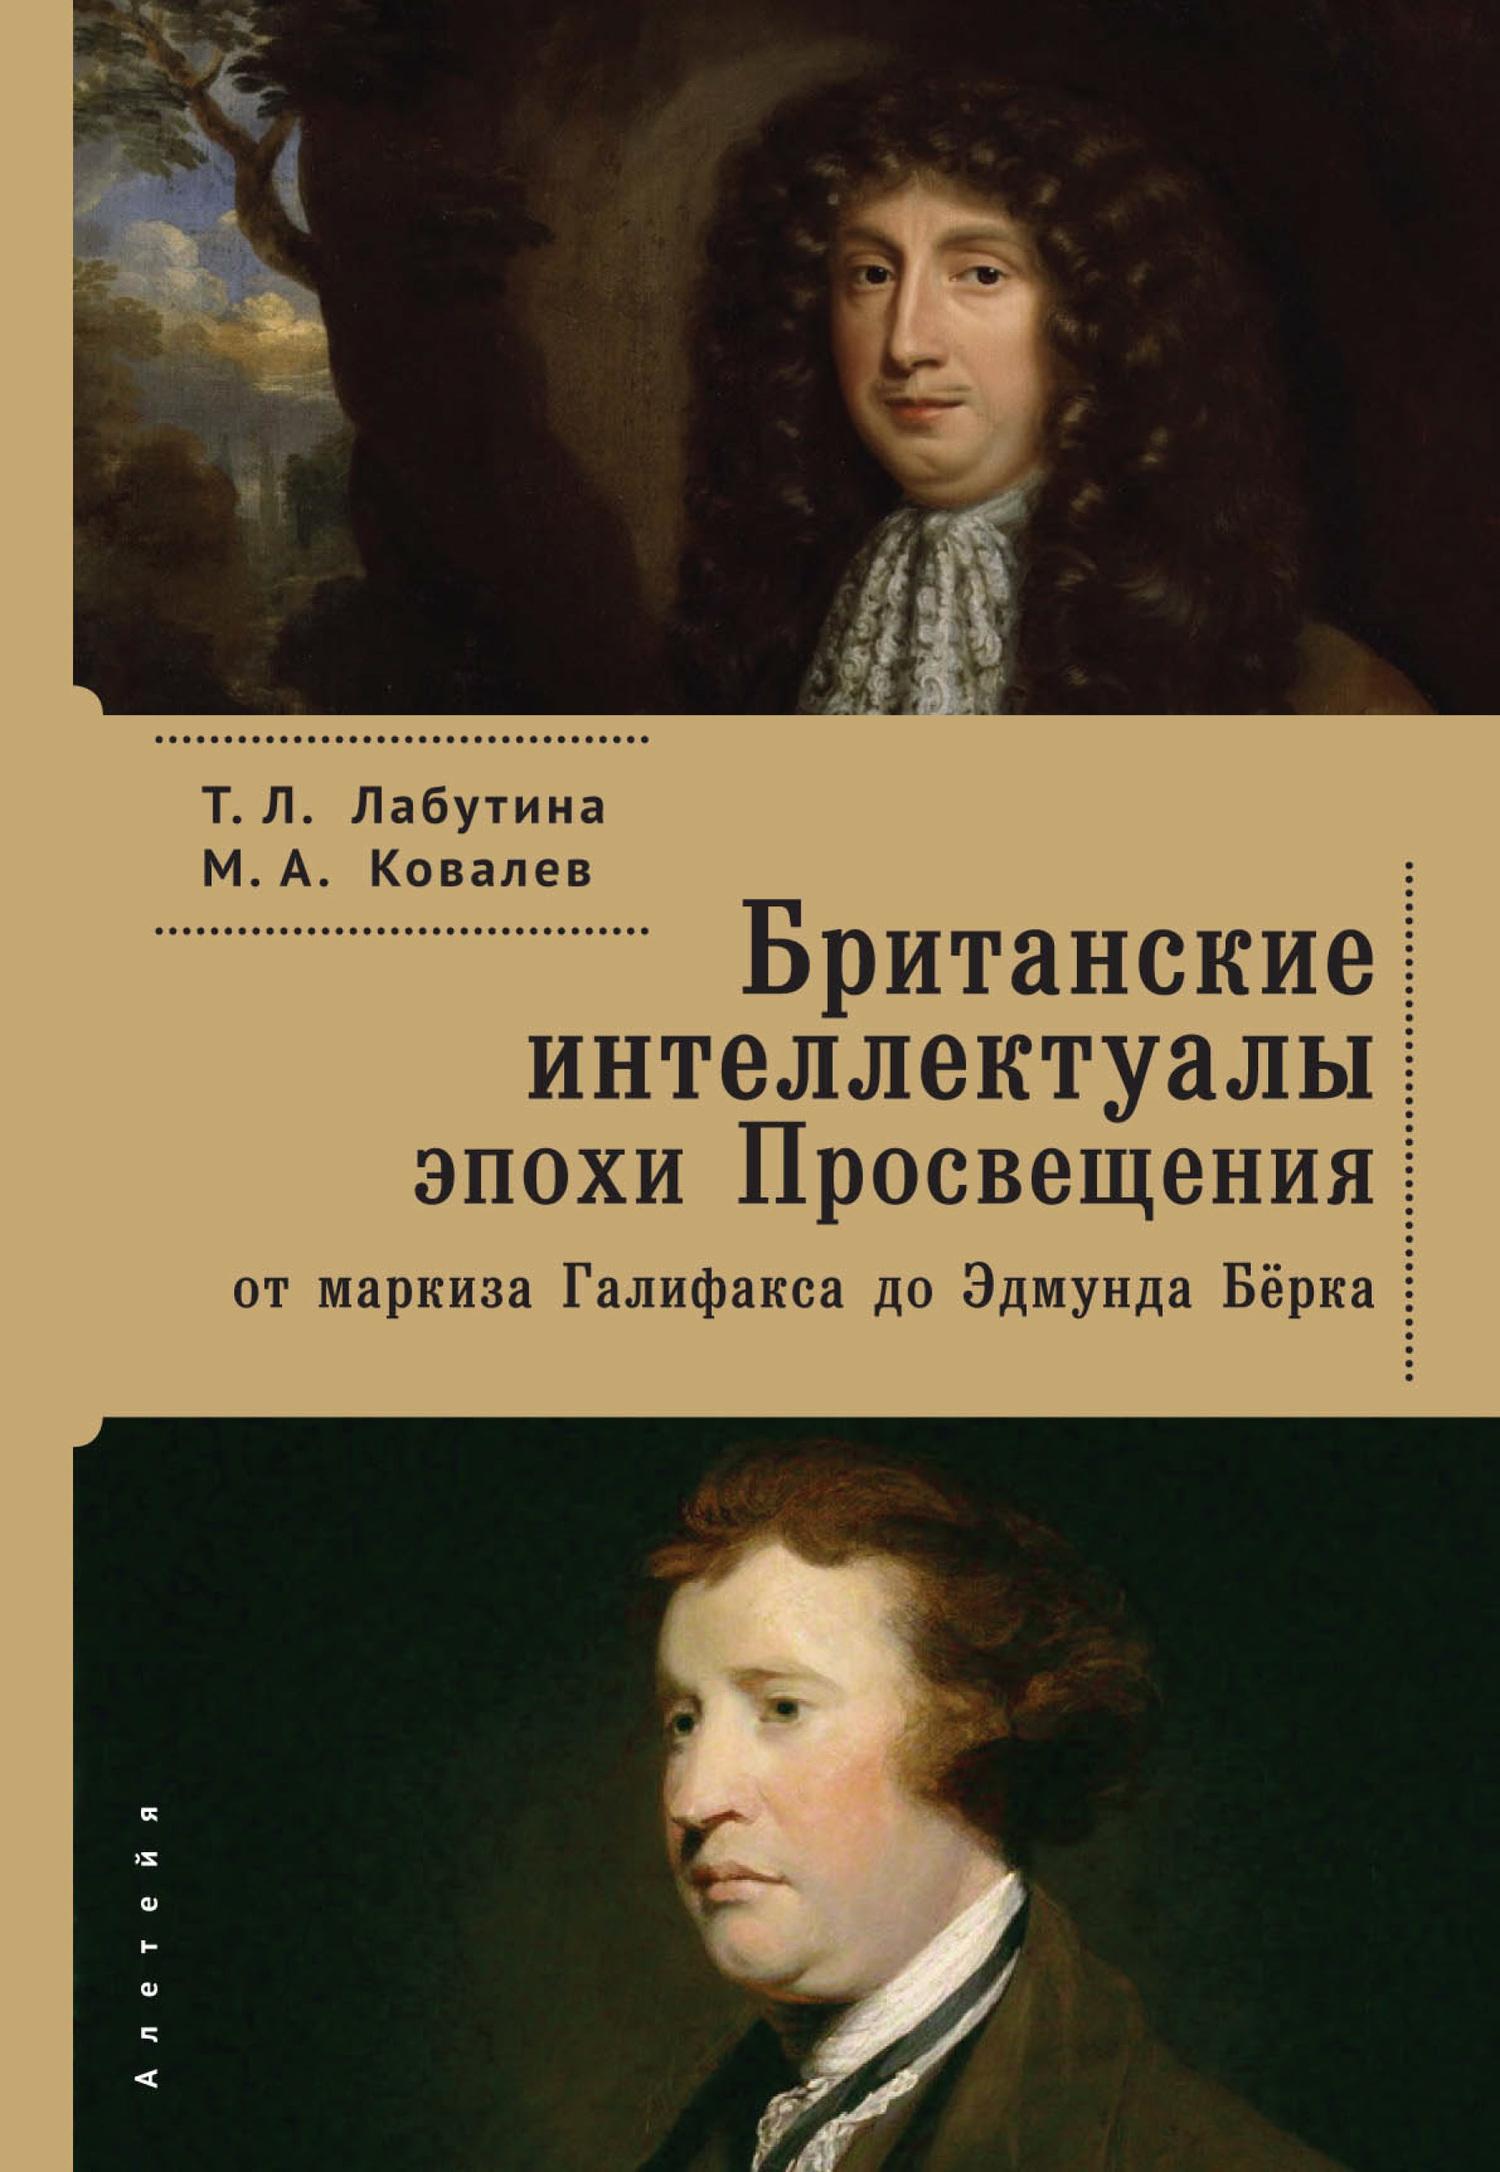 Британские интеллектуалы эпохи Просвещения